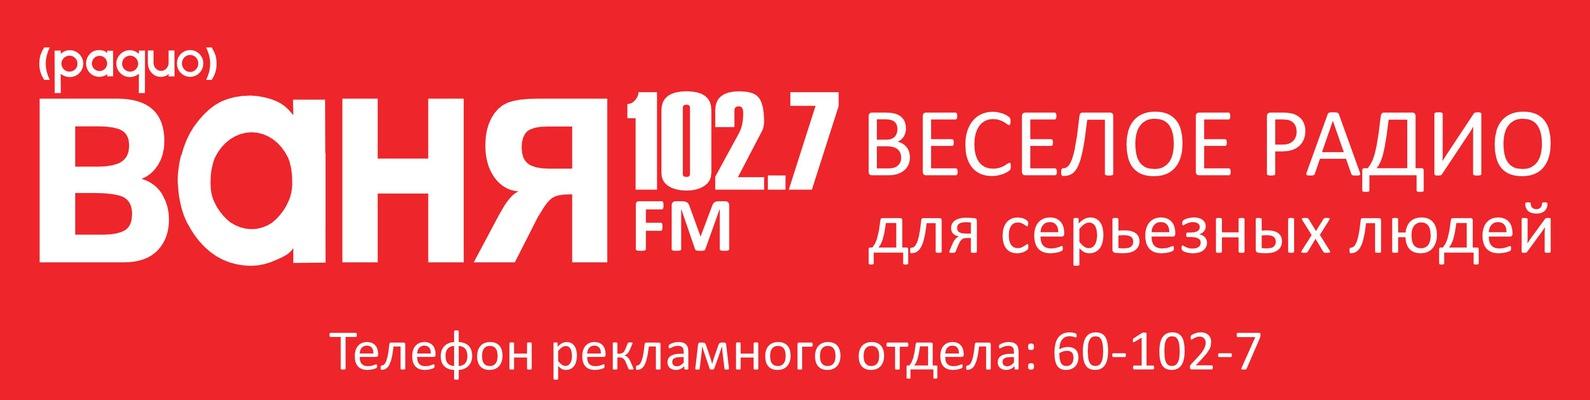 Скачать новинки радио ваня 2018